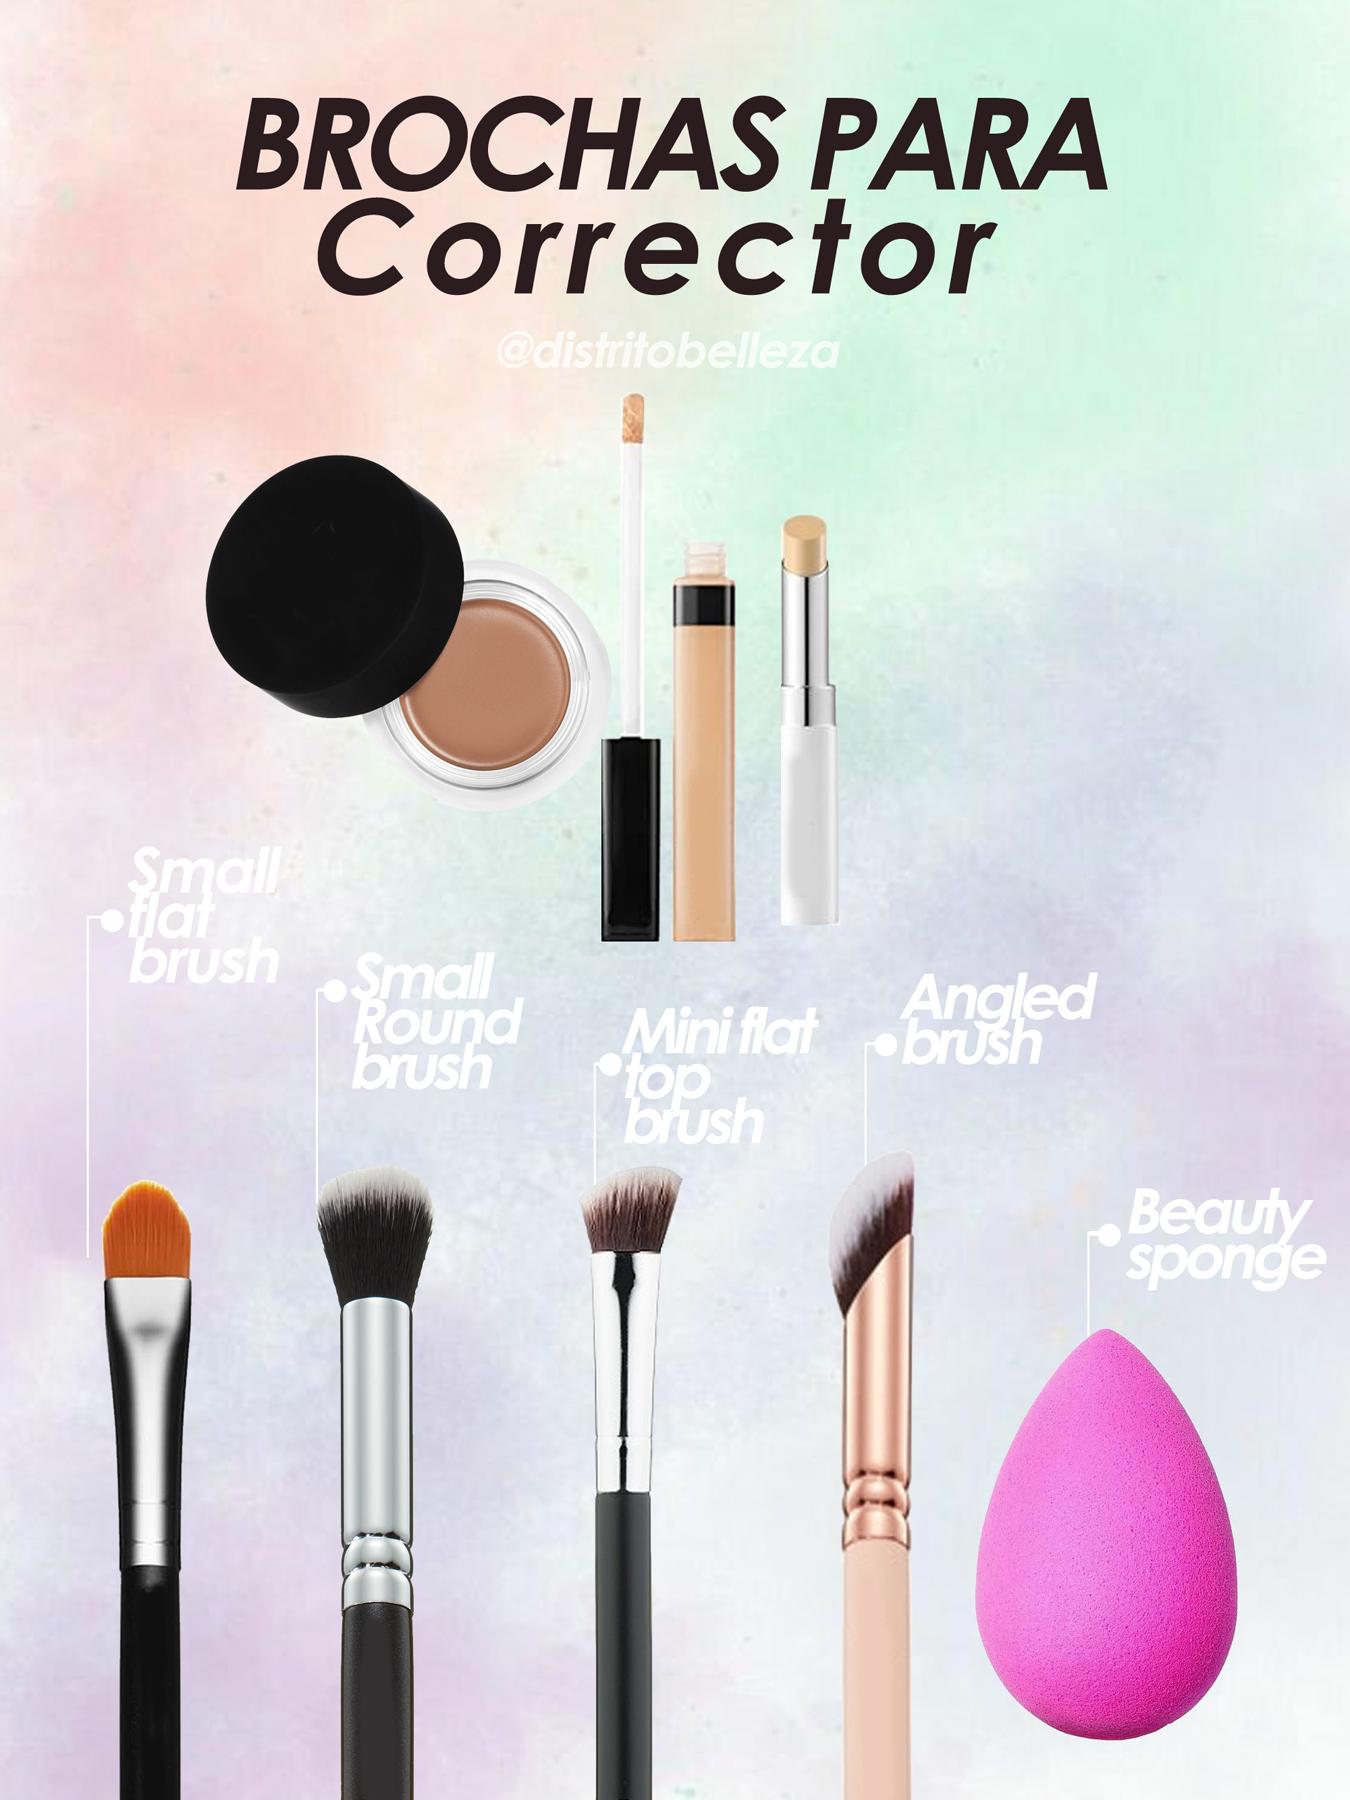 brochas de maquillaje para base corrector distrito belleza